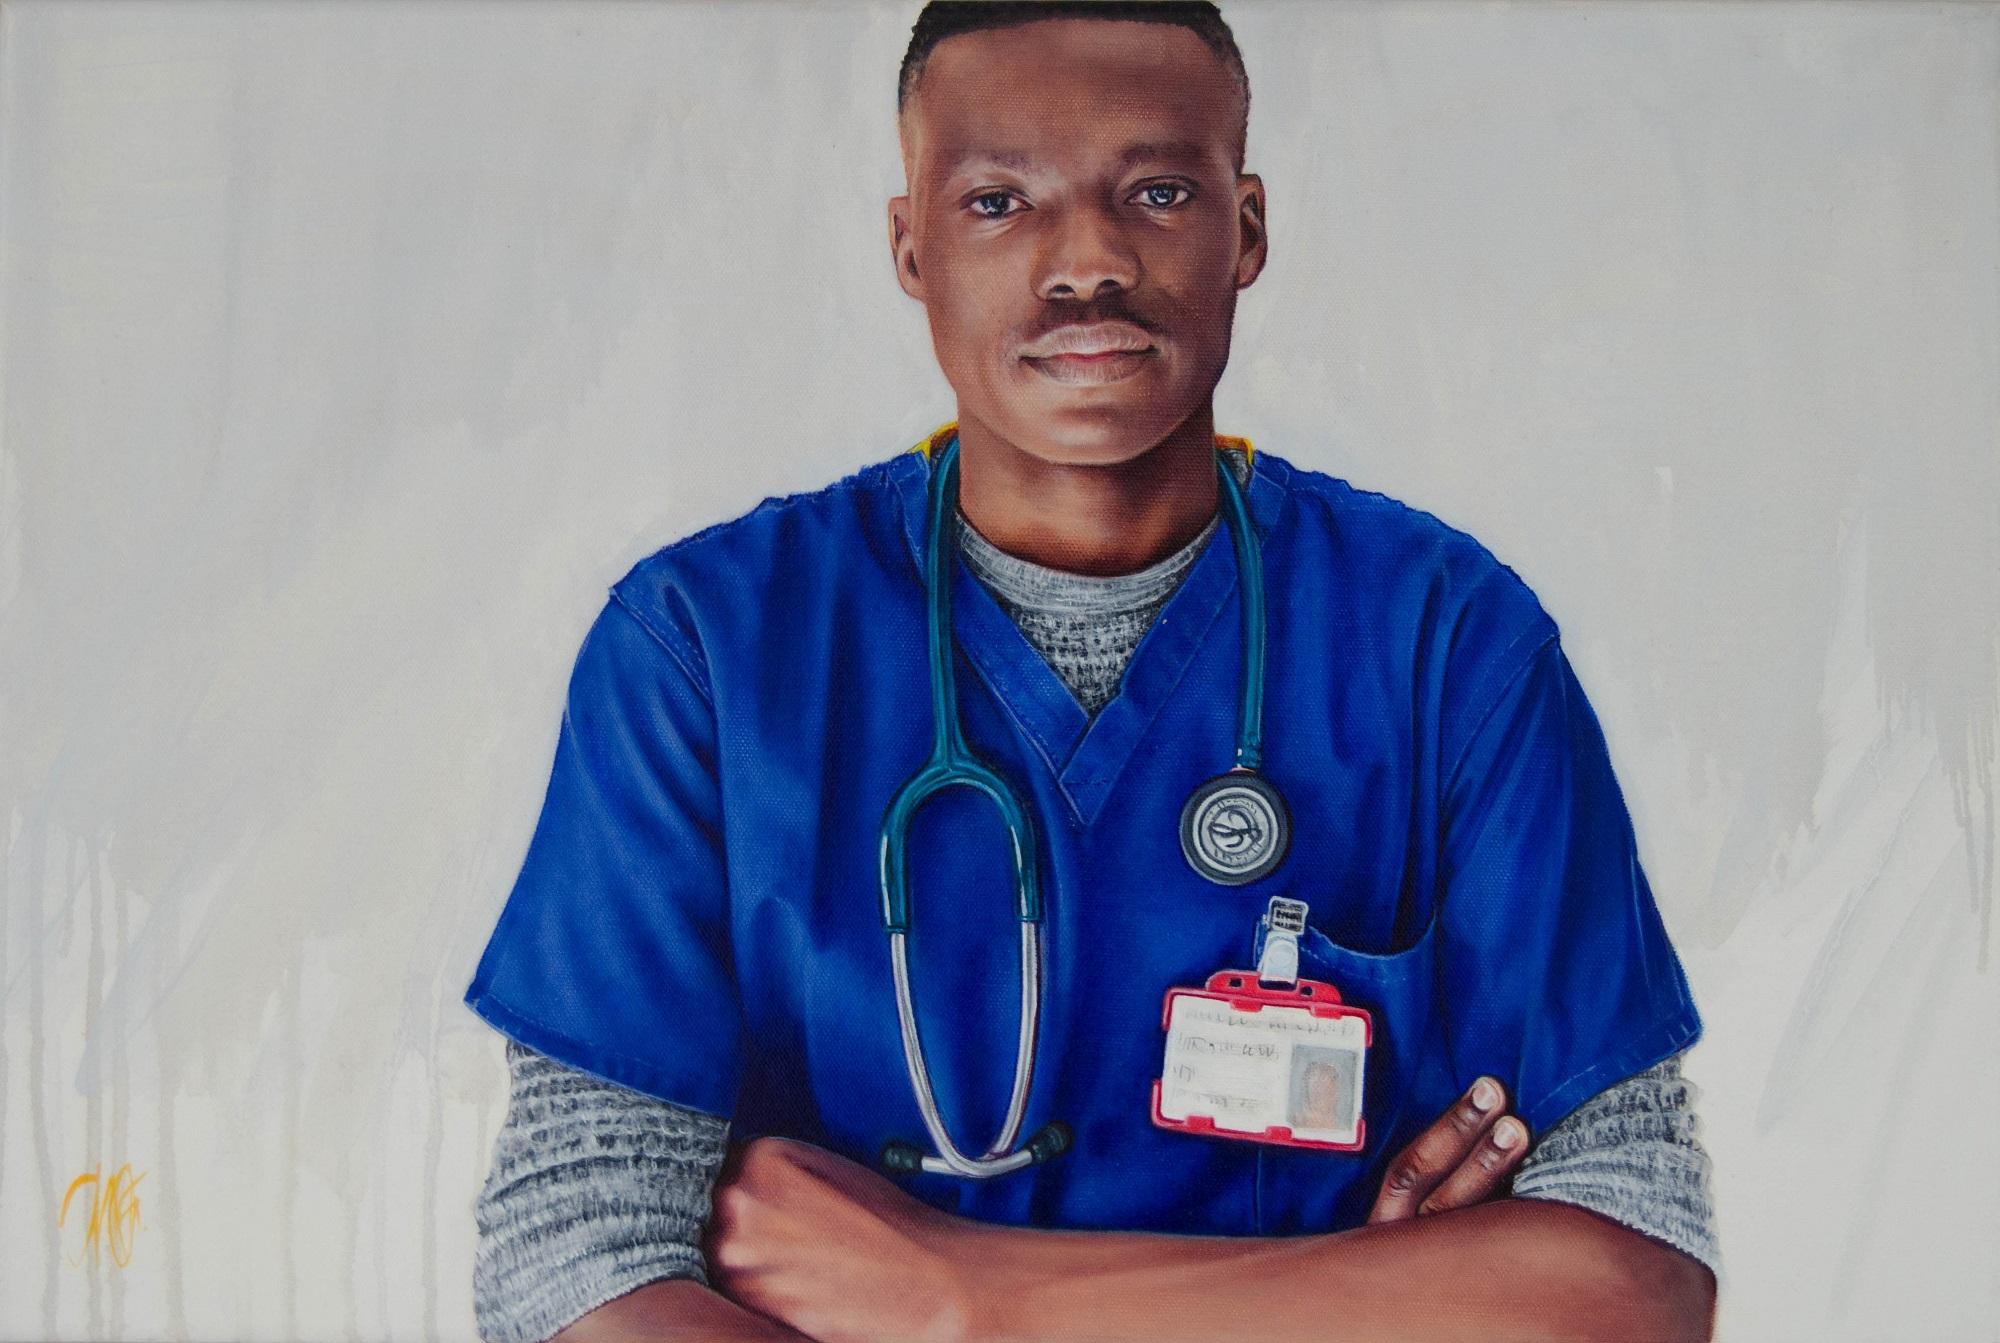 Dr. Mayowa Oyebolu, 2020 Trudy Good Oil on canvas, 30 x 60cm